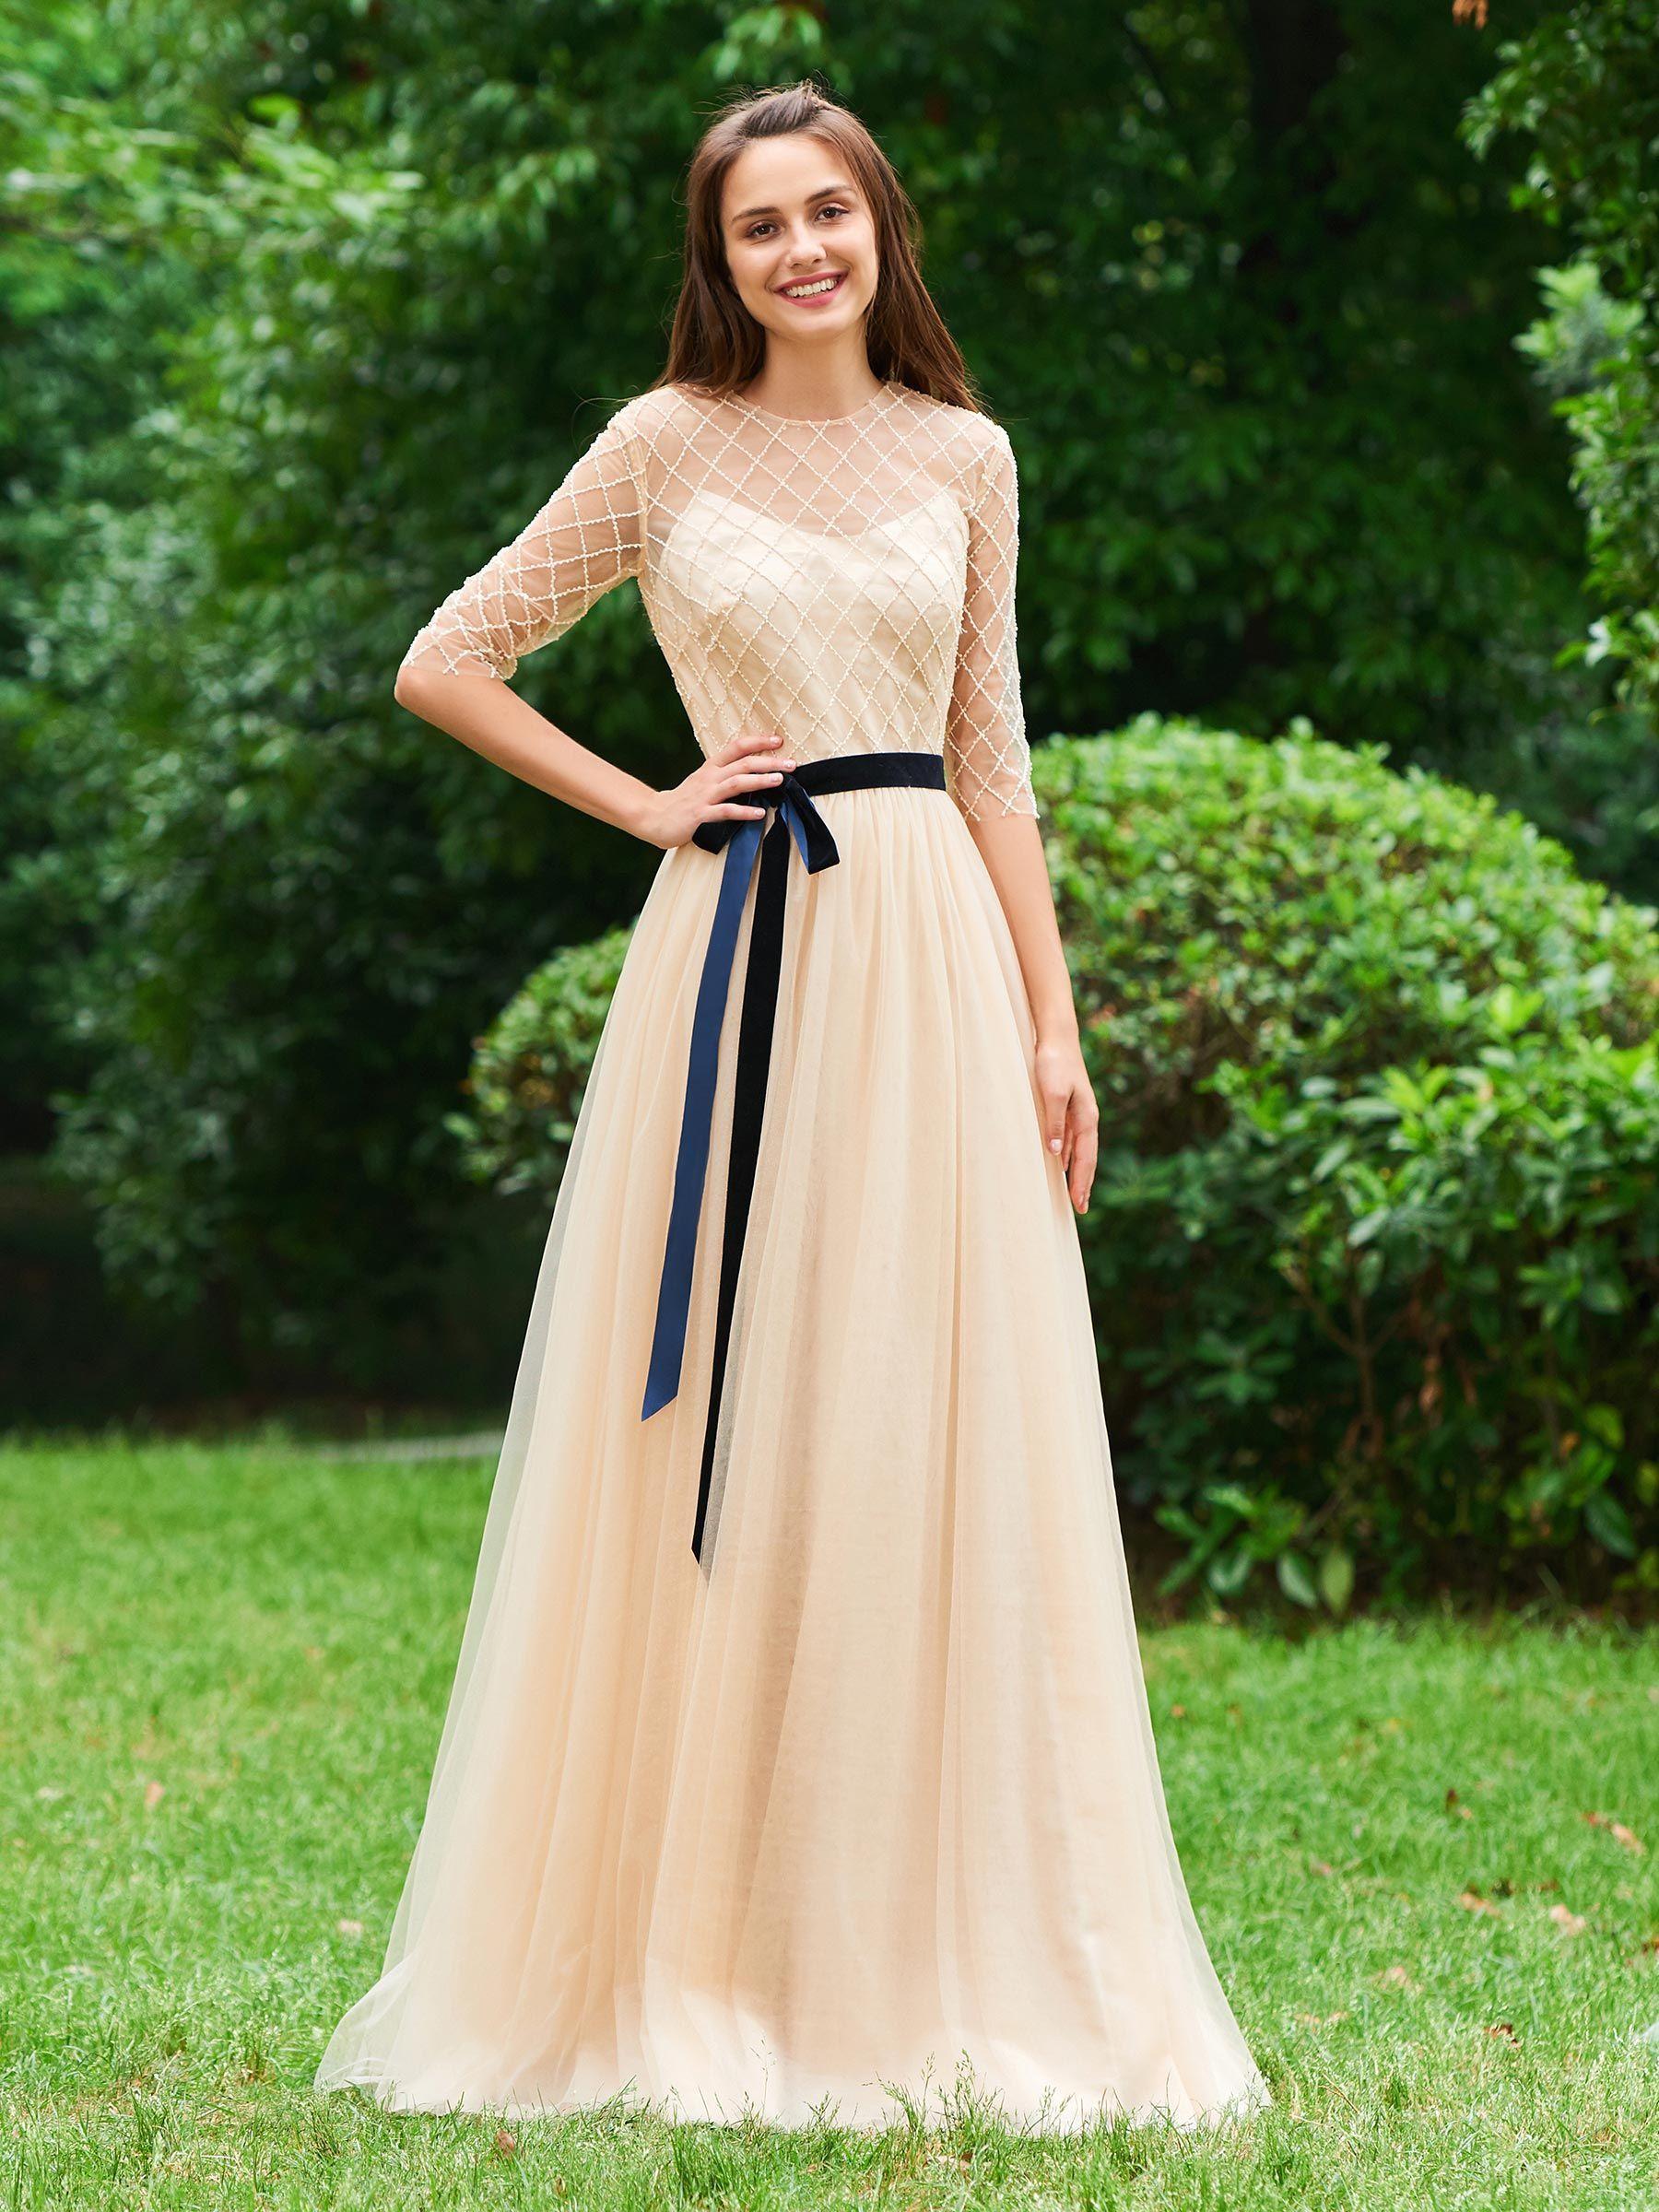 Ericdress 3 4 Sleeve A Line Long Evening Dress Evening Dresses Evening Dresses Long Lace Formal Dress [ 2400 x 1800 Pixel ]